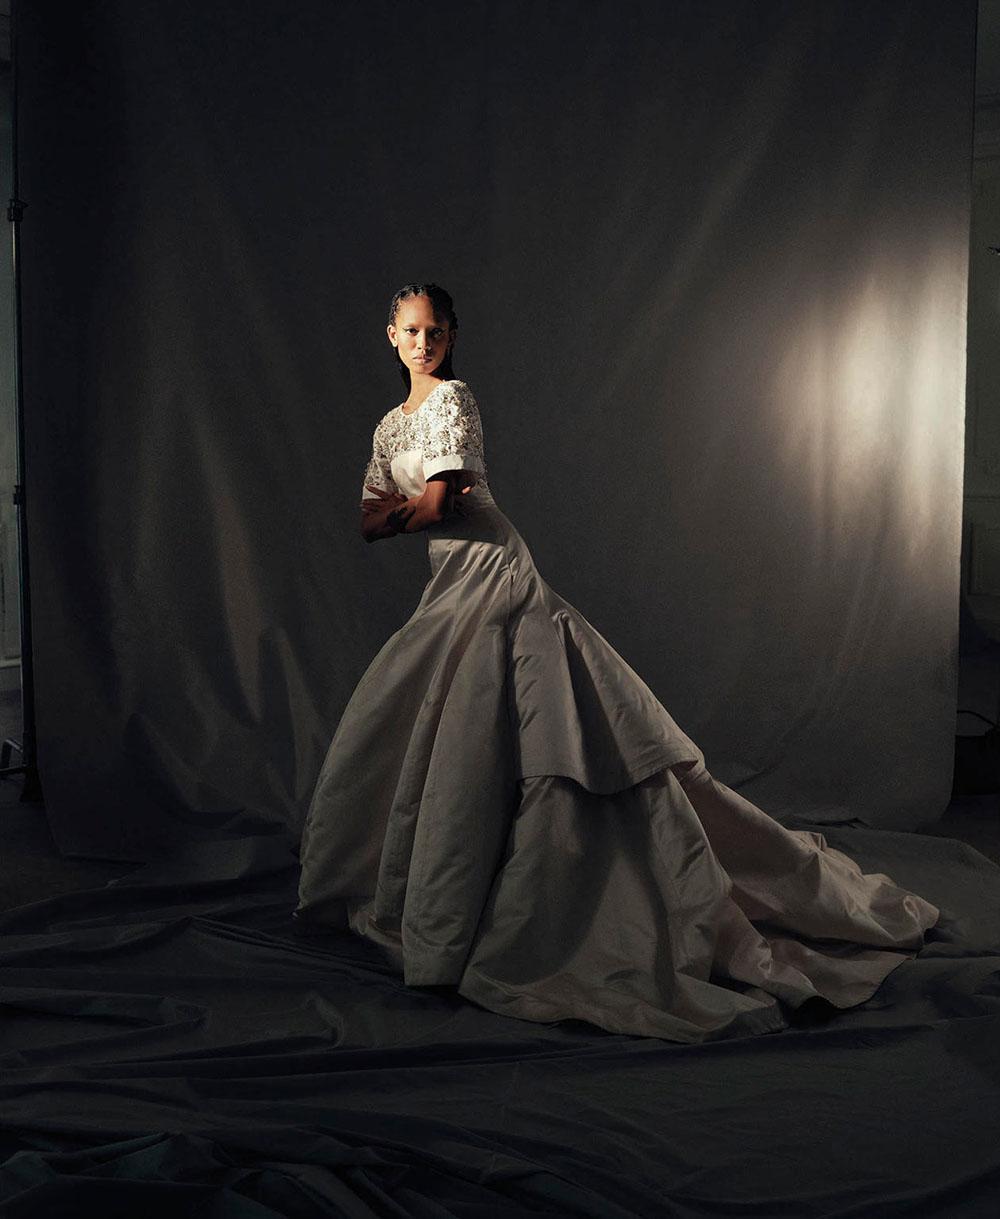 Adesuwa Aighewi by Cecile Bortoletti for Porter Magazine Spring 2019